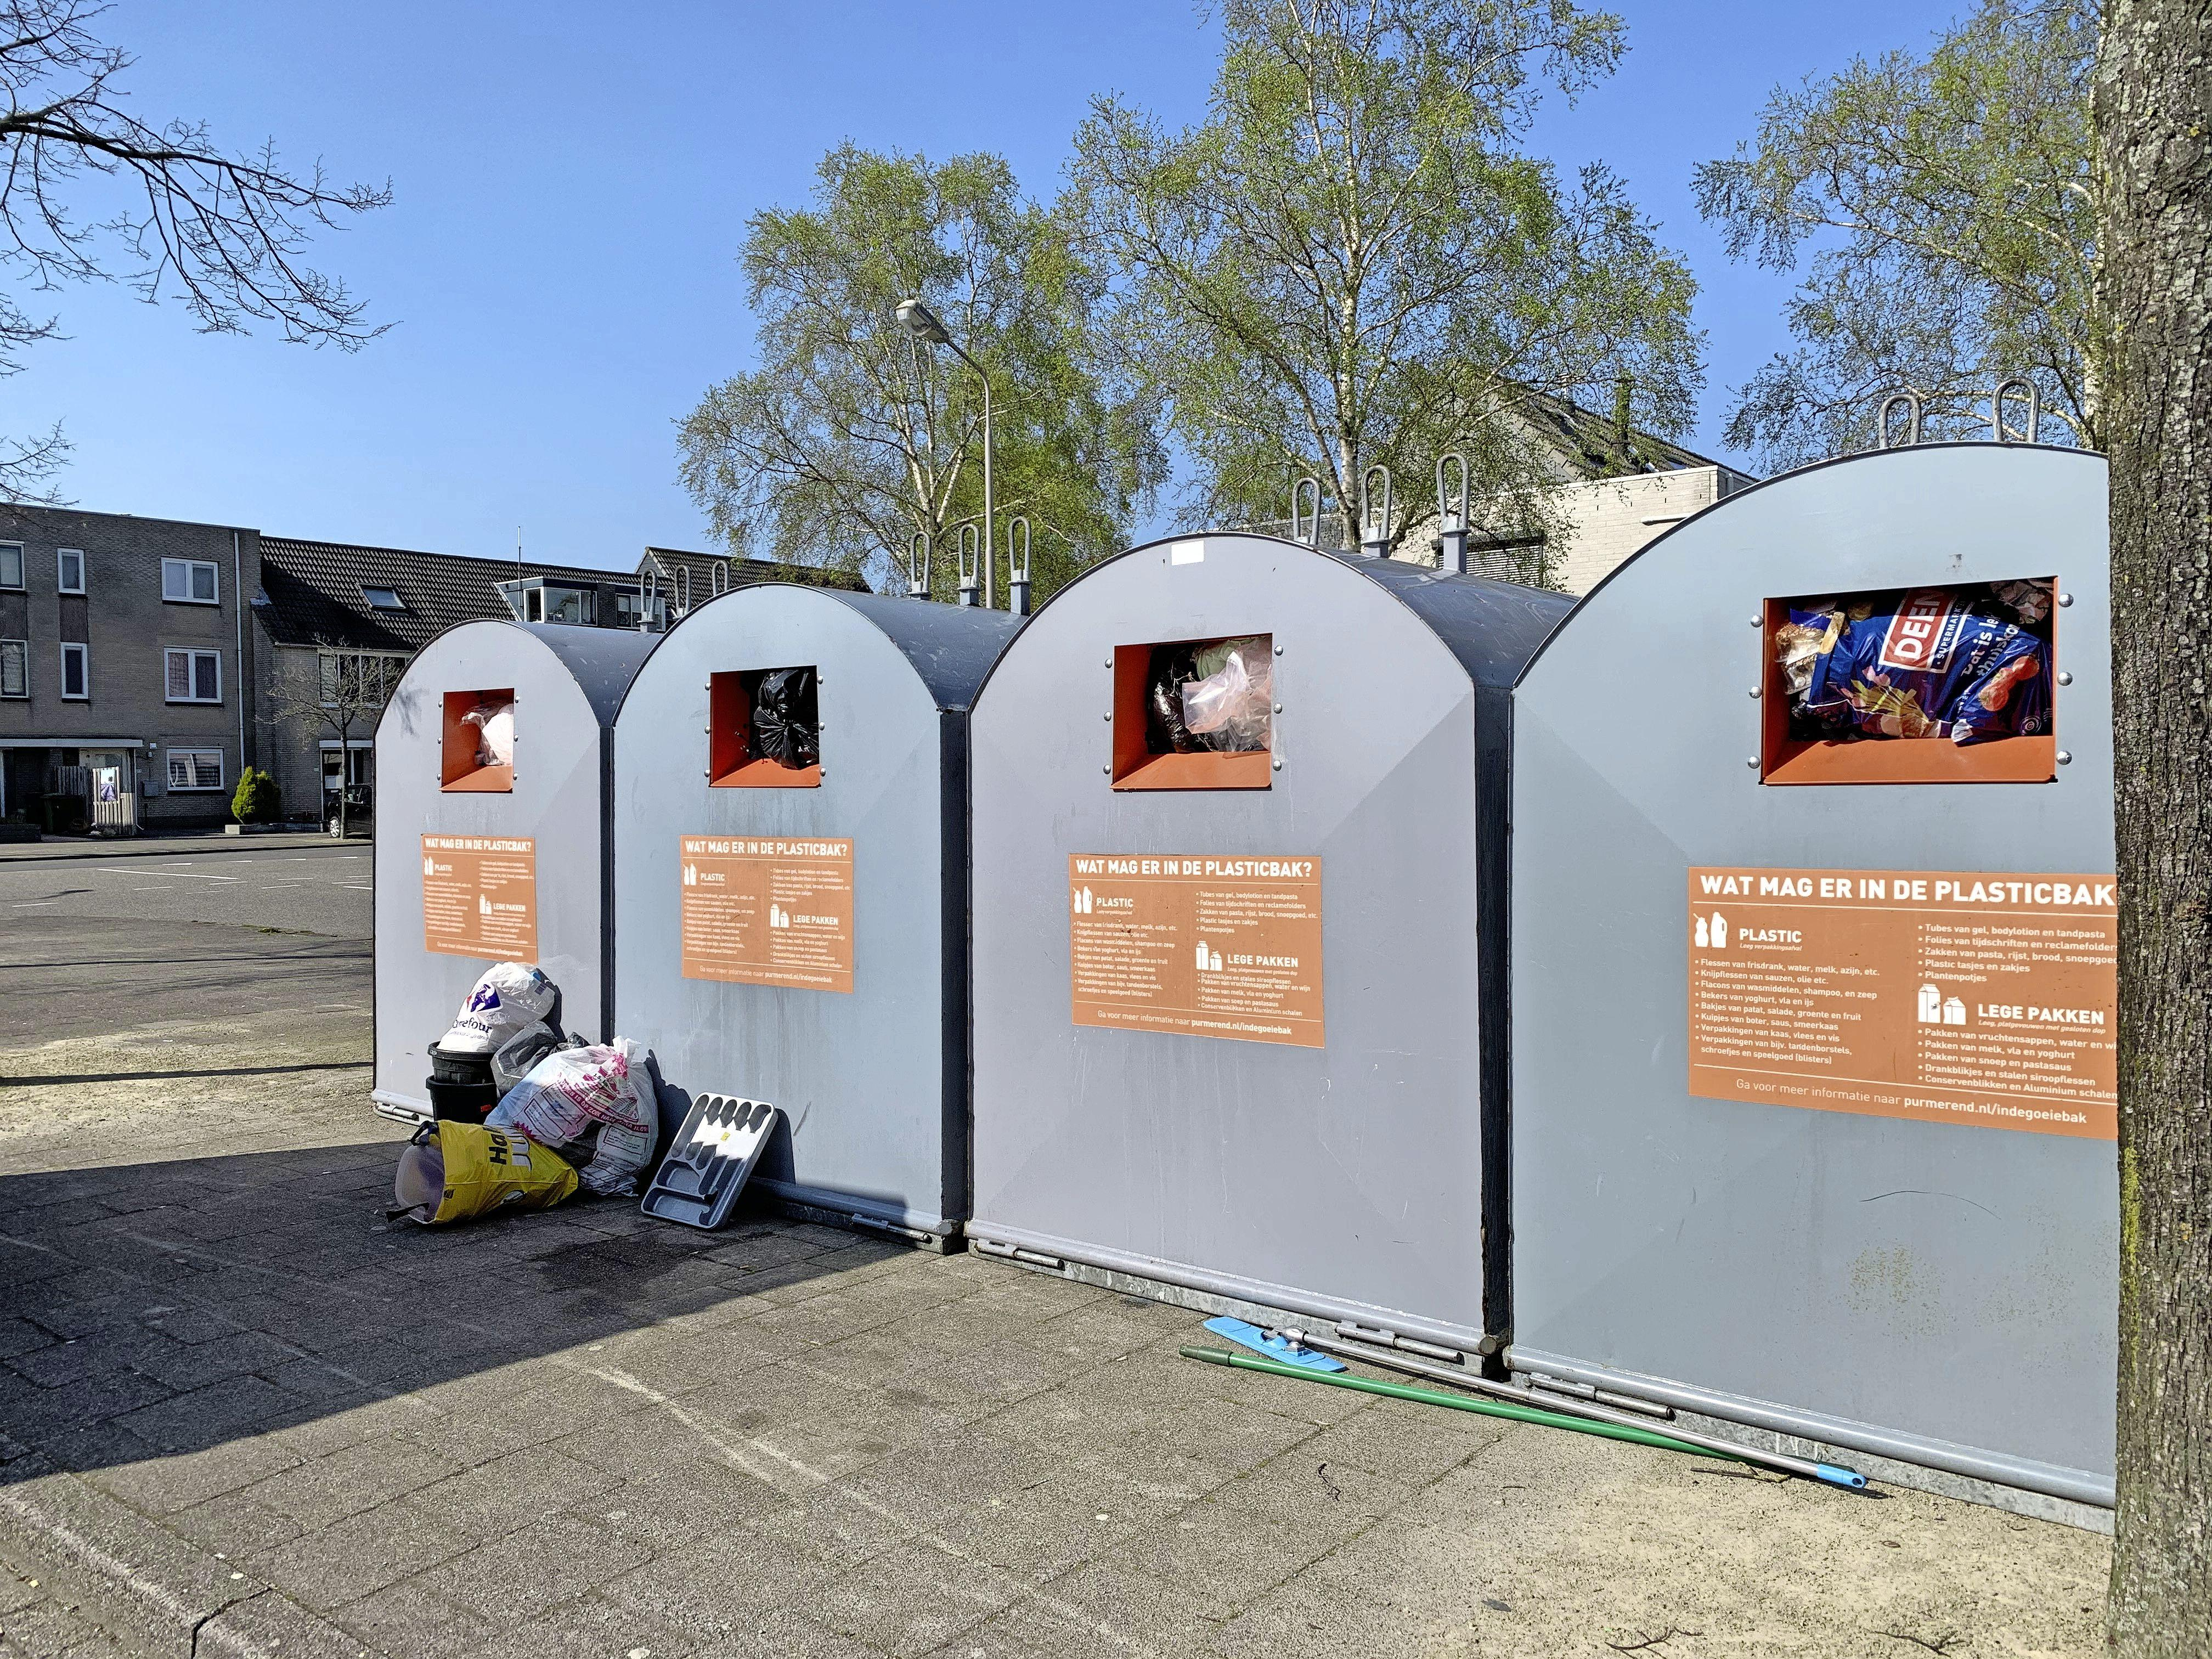 Afvalenquête in Purmerend: ieder eigen plasticbak, niet meer zeulen naar centrale containers